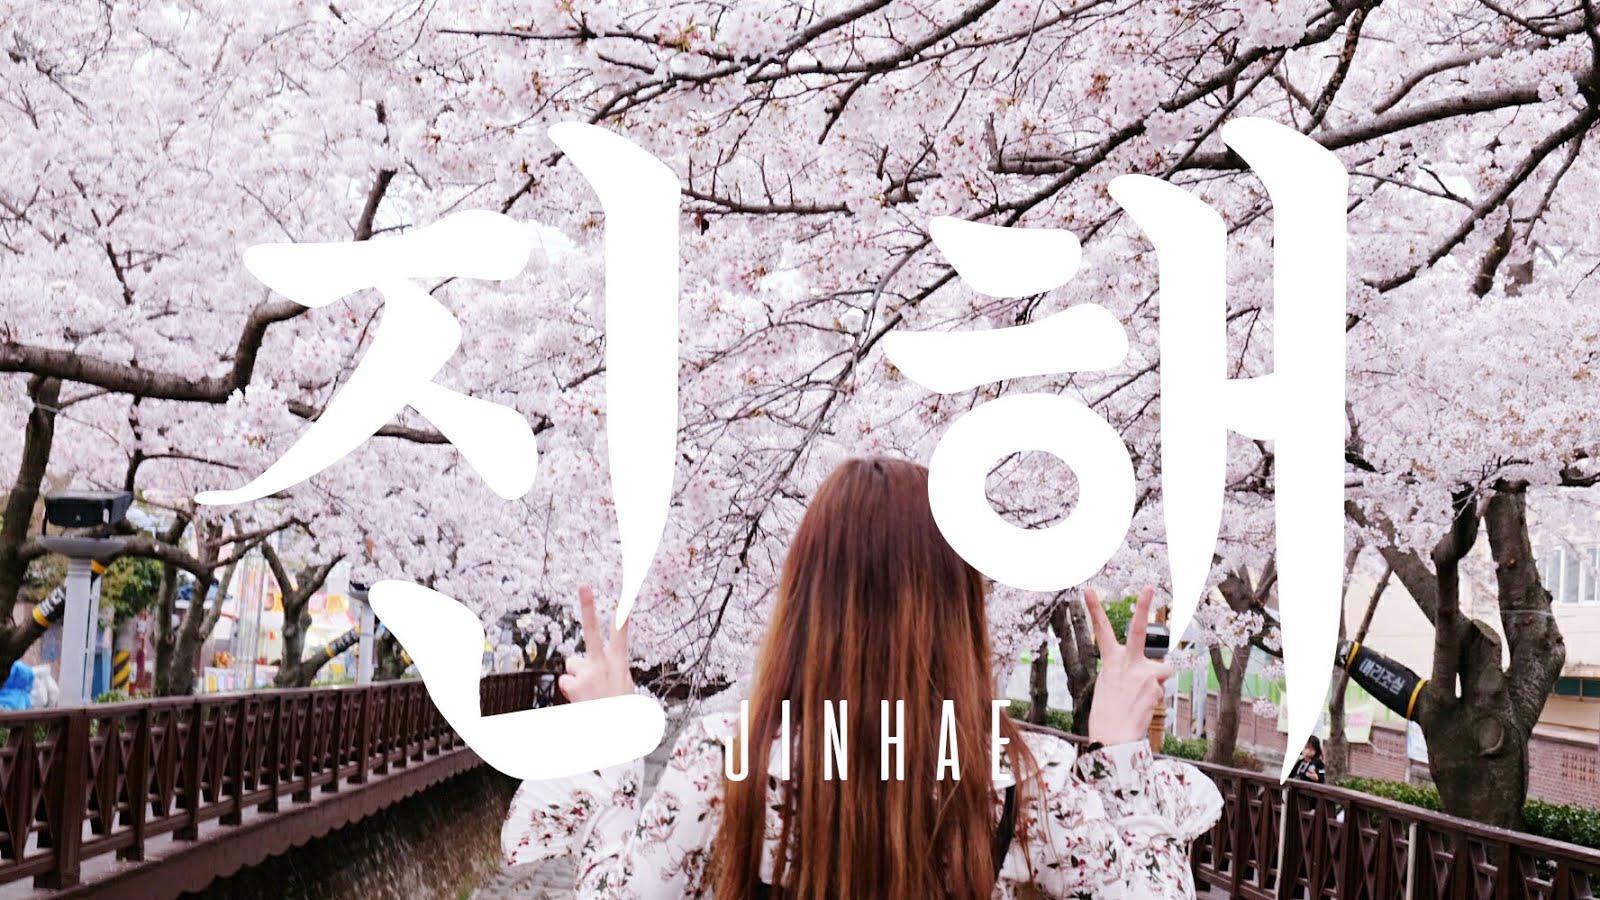 jinhae itinerary